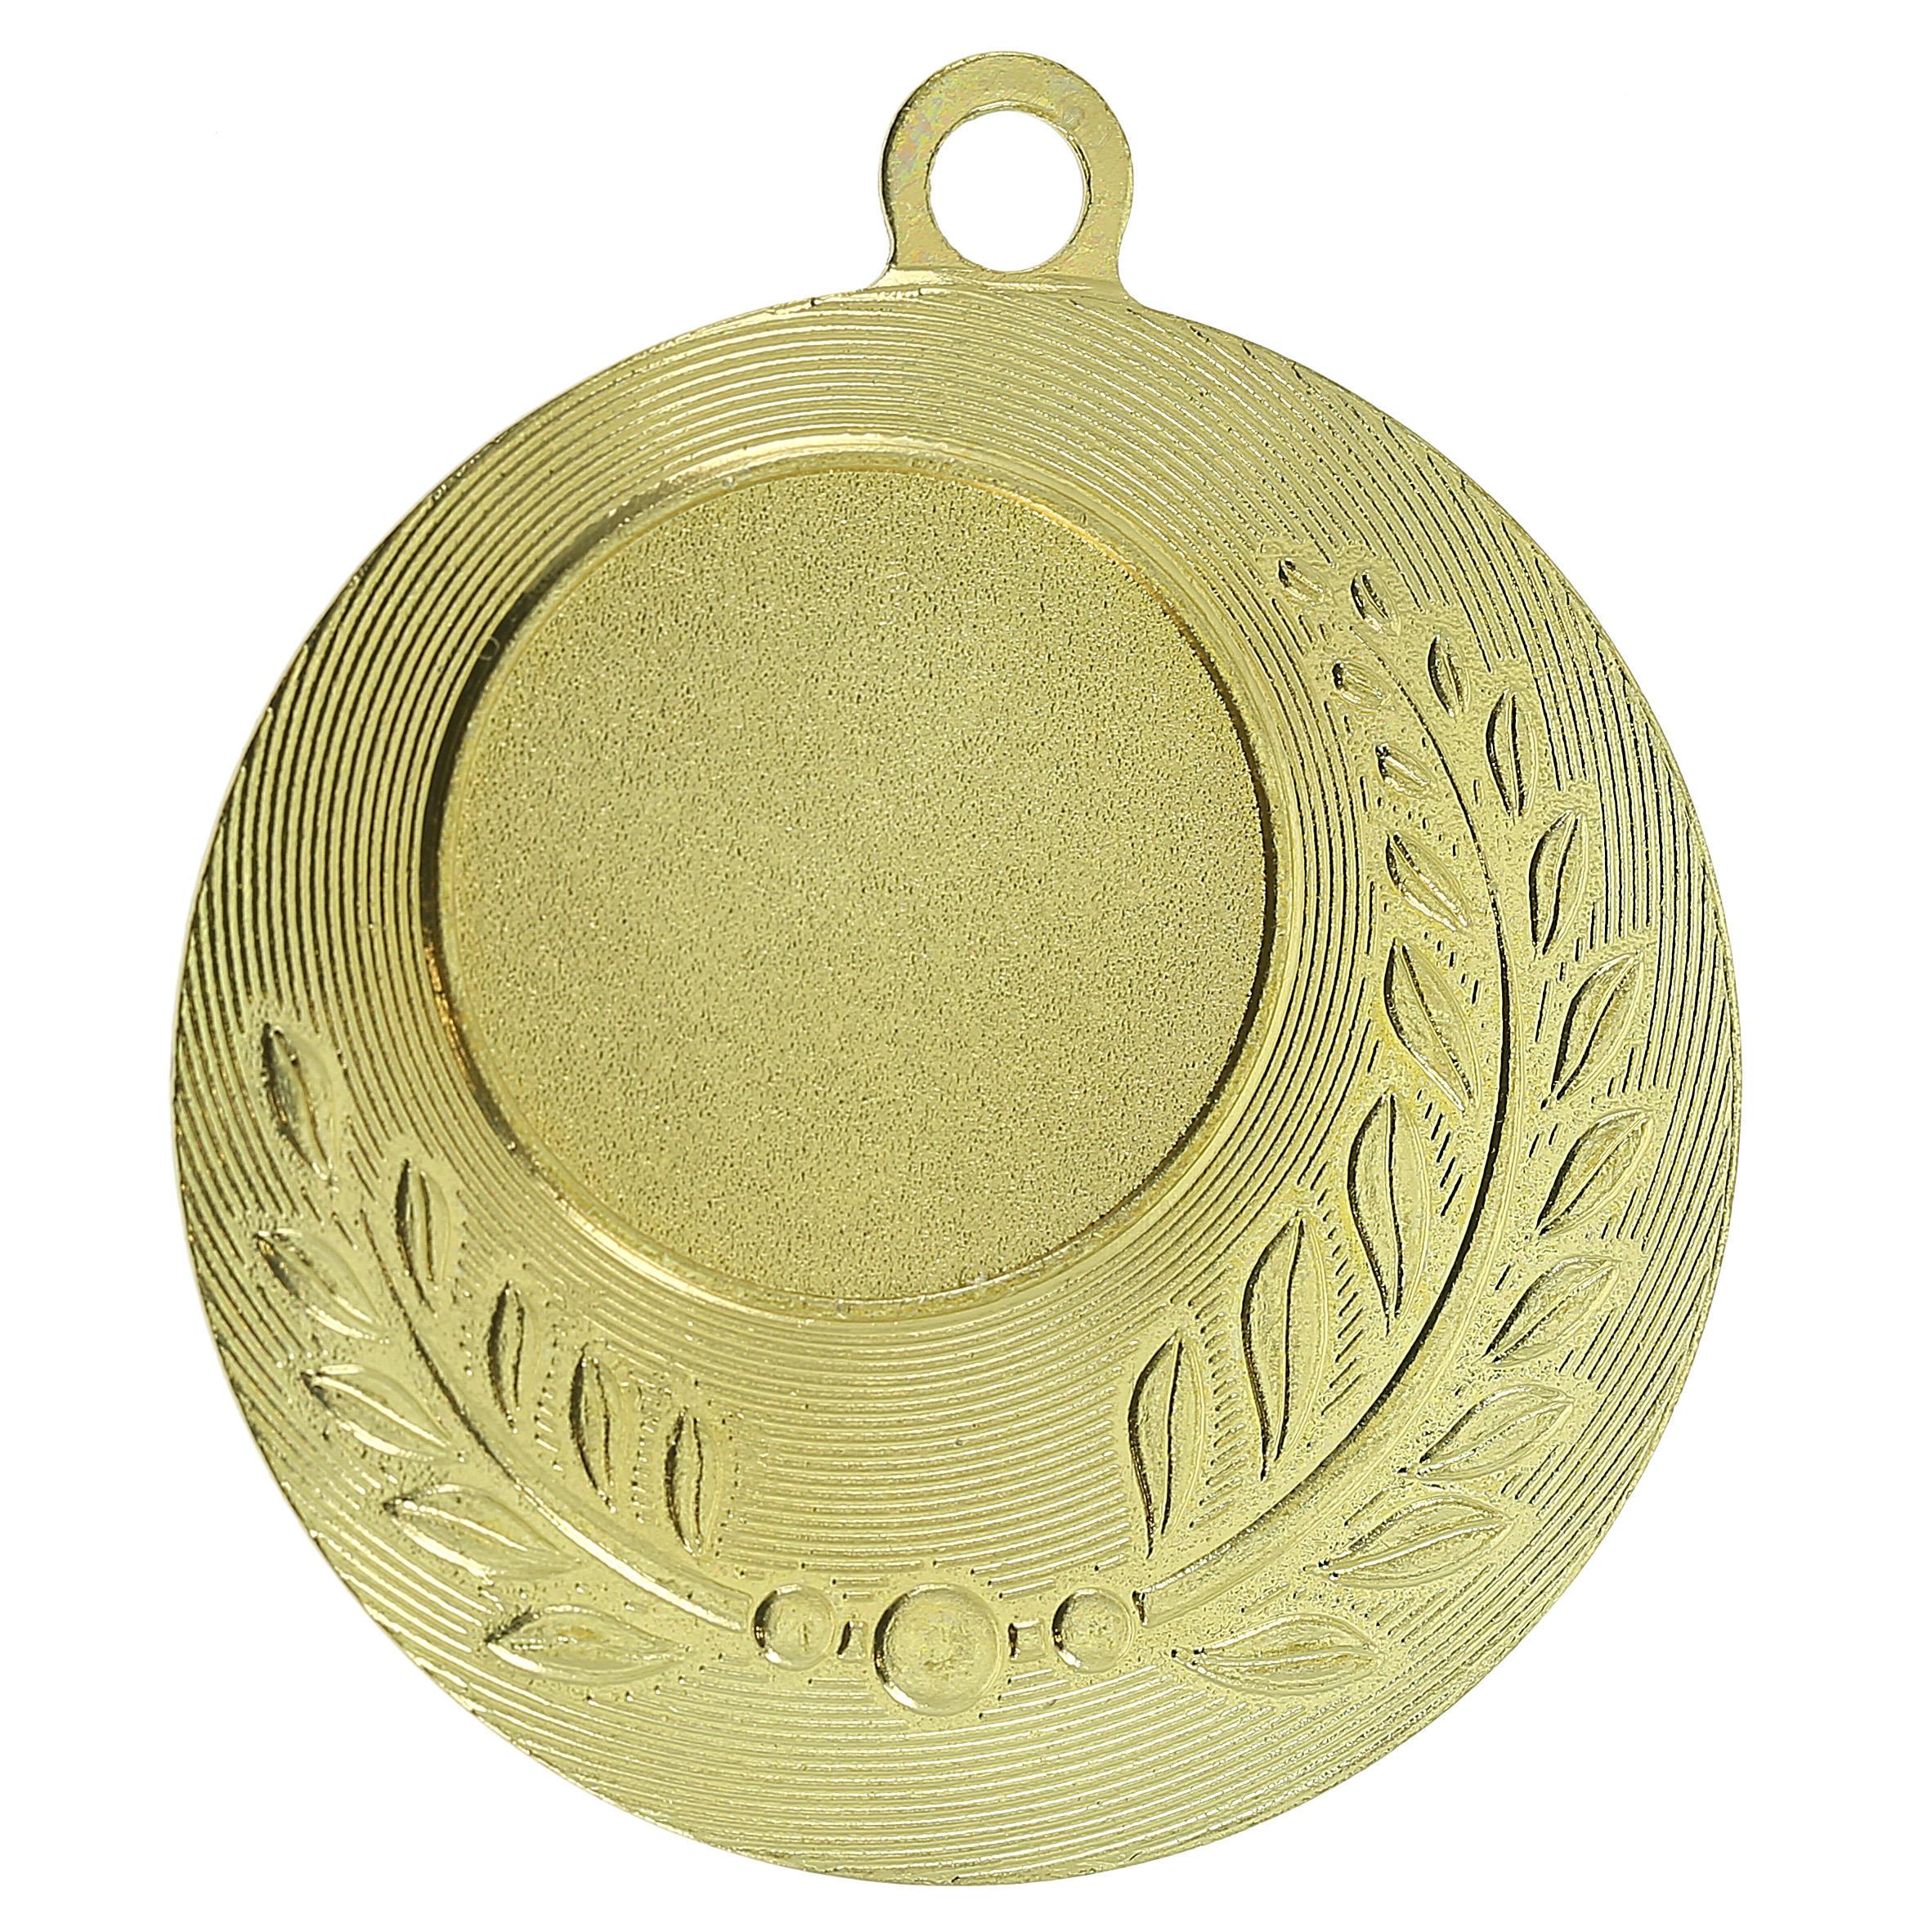 Workshop Gouden medaille 50 mm kopen? Sport accessoires met voordeel vind je hier